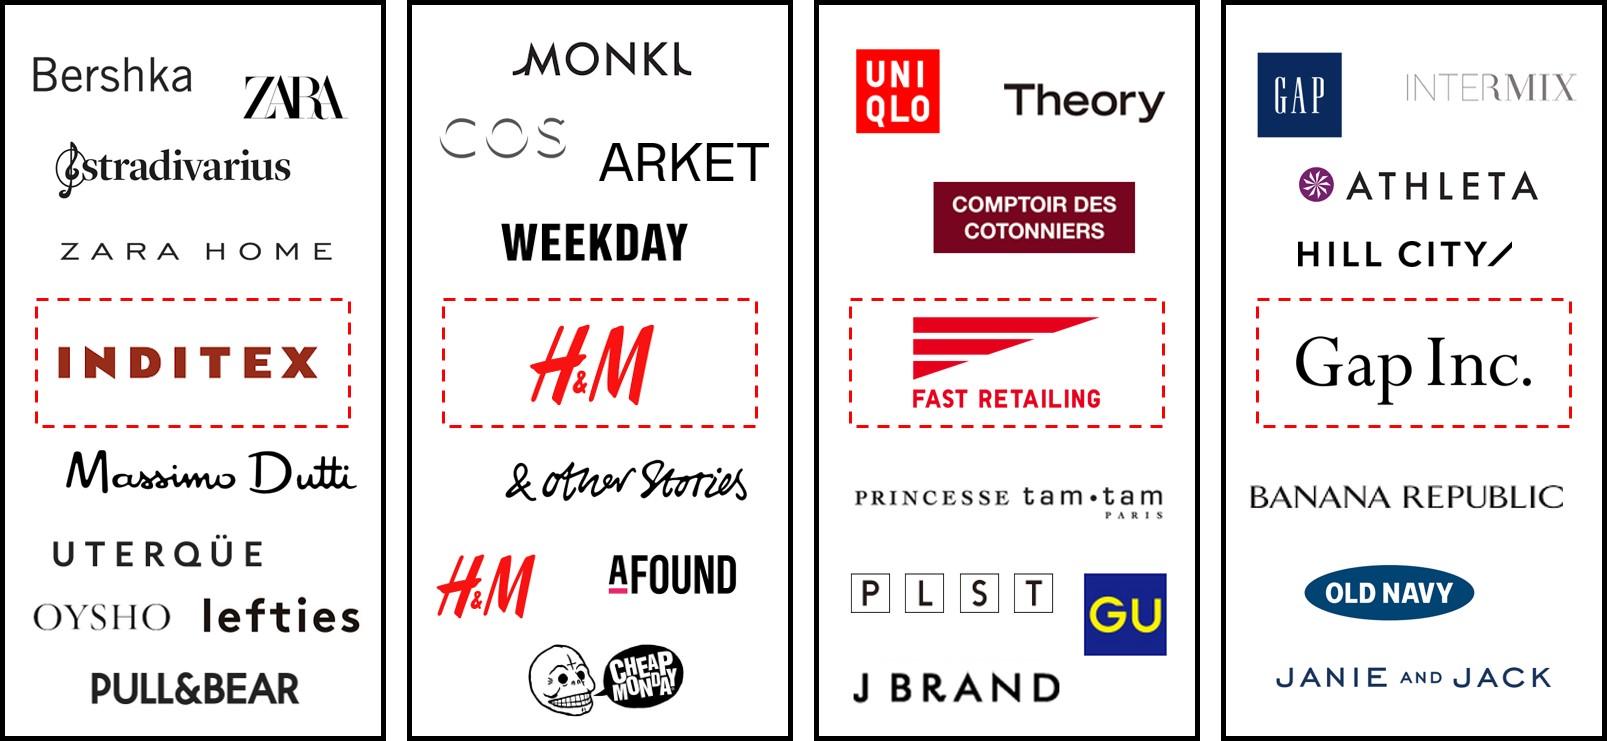 The Fashion Retailer Mass-market fashion retailers